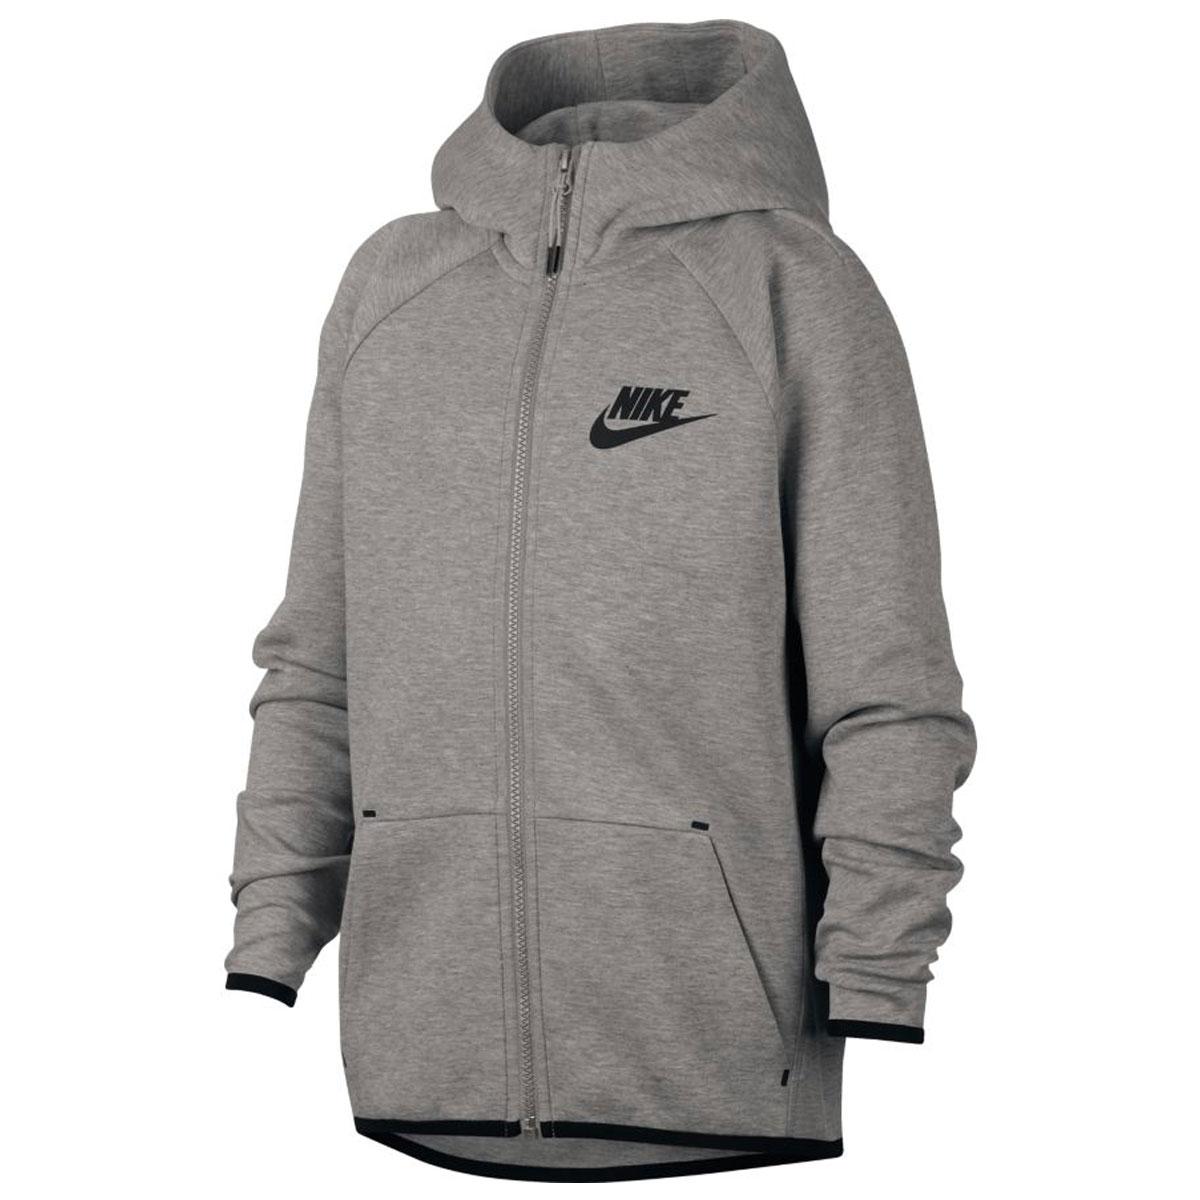 f7261af88f7d Nike Essentials Tech Fleece Full Zip Hoodie Junior GRIJS online ...